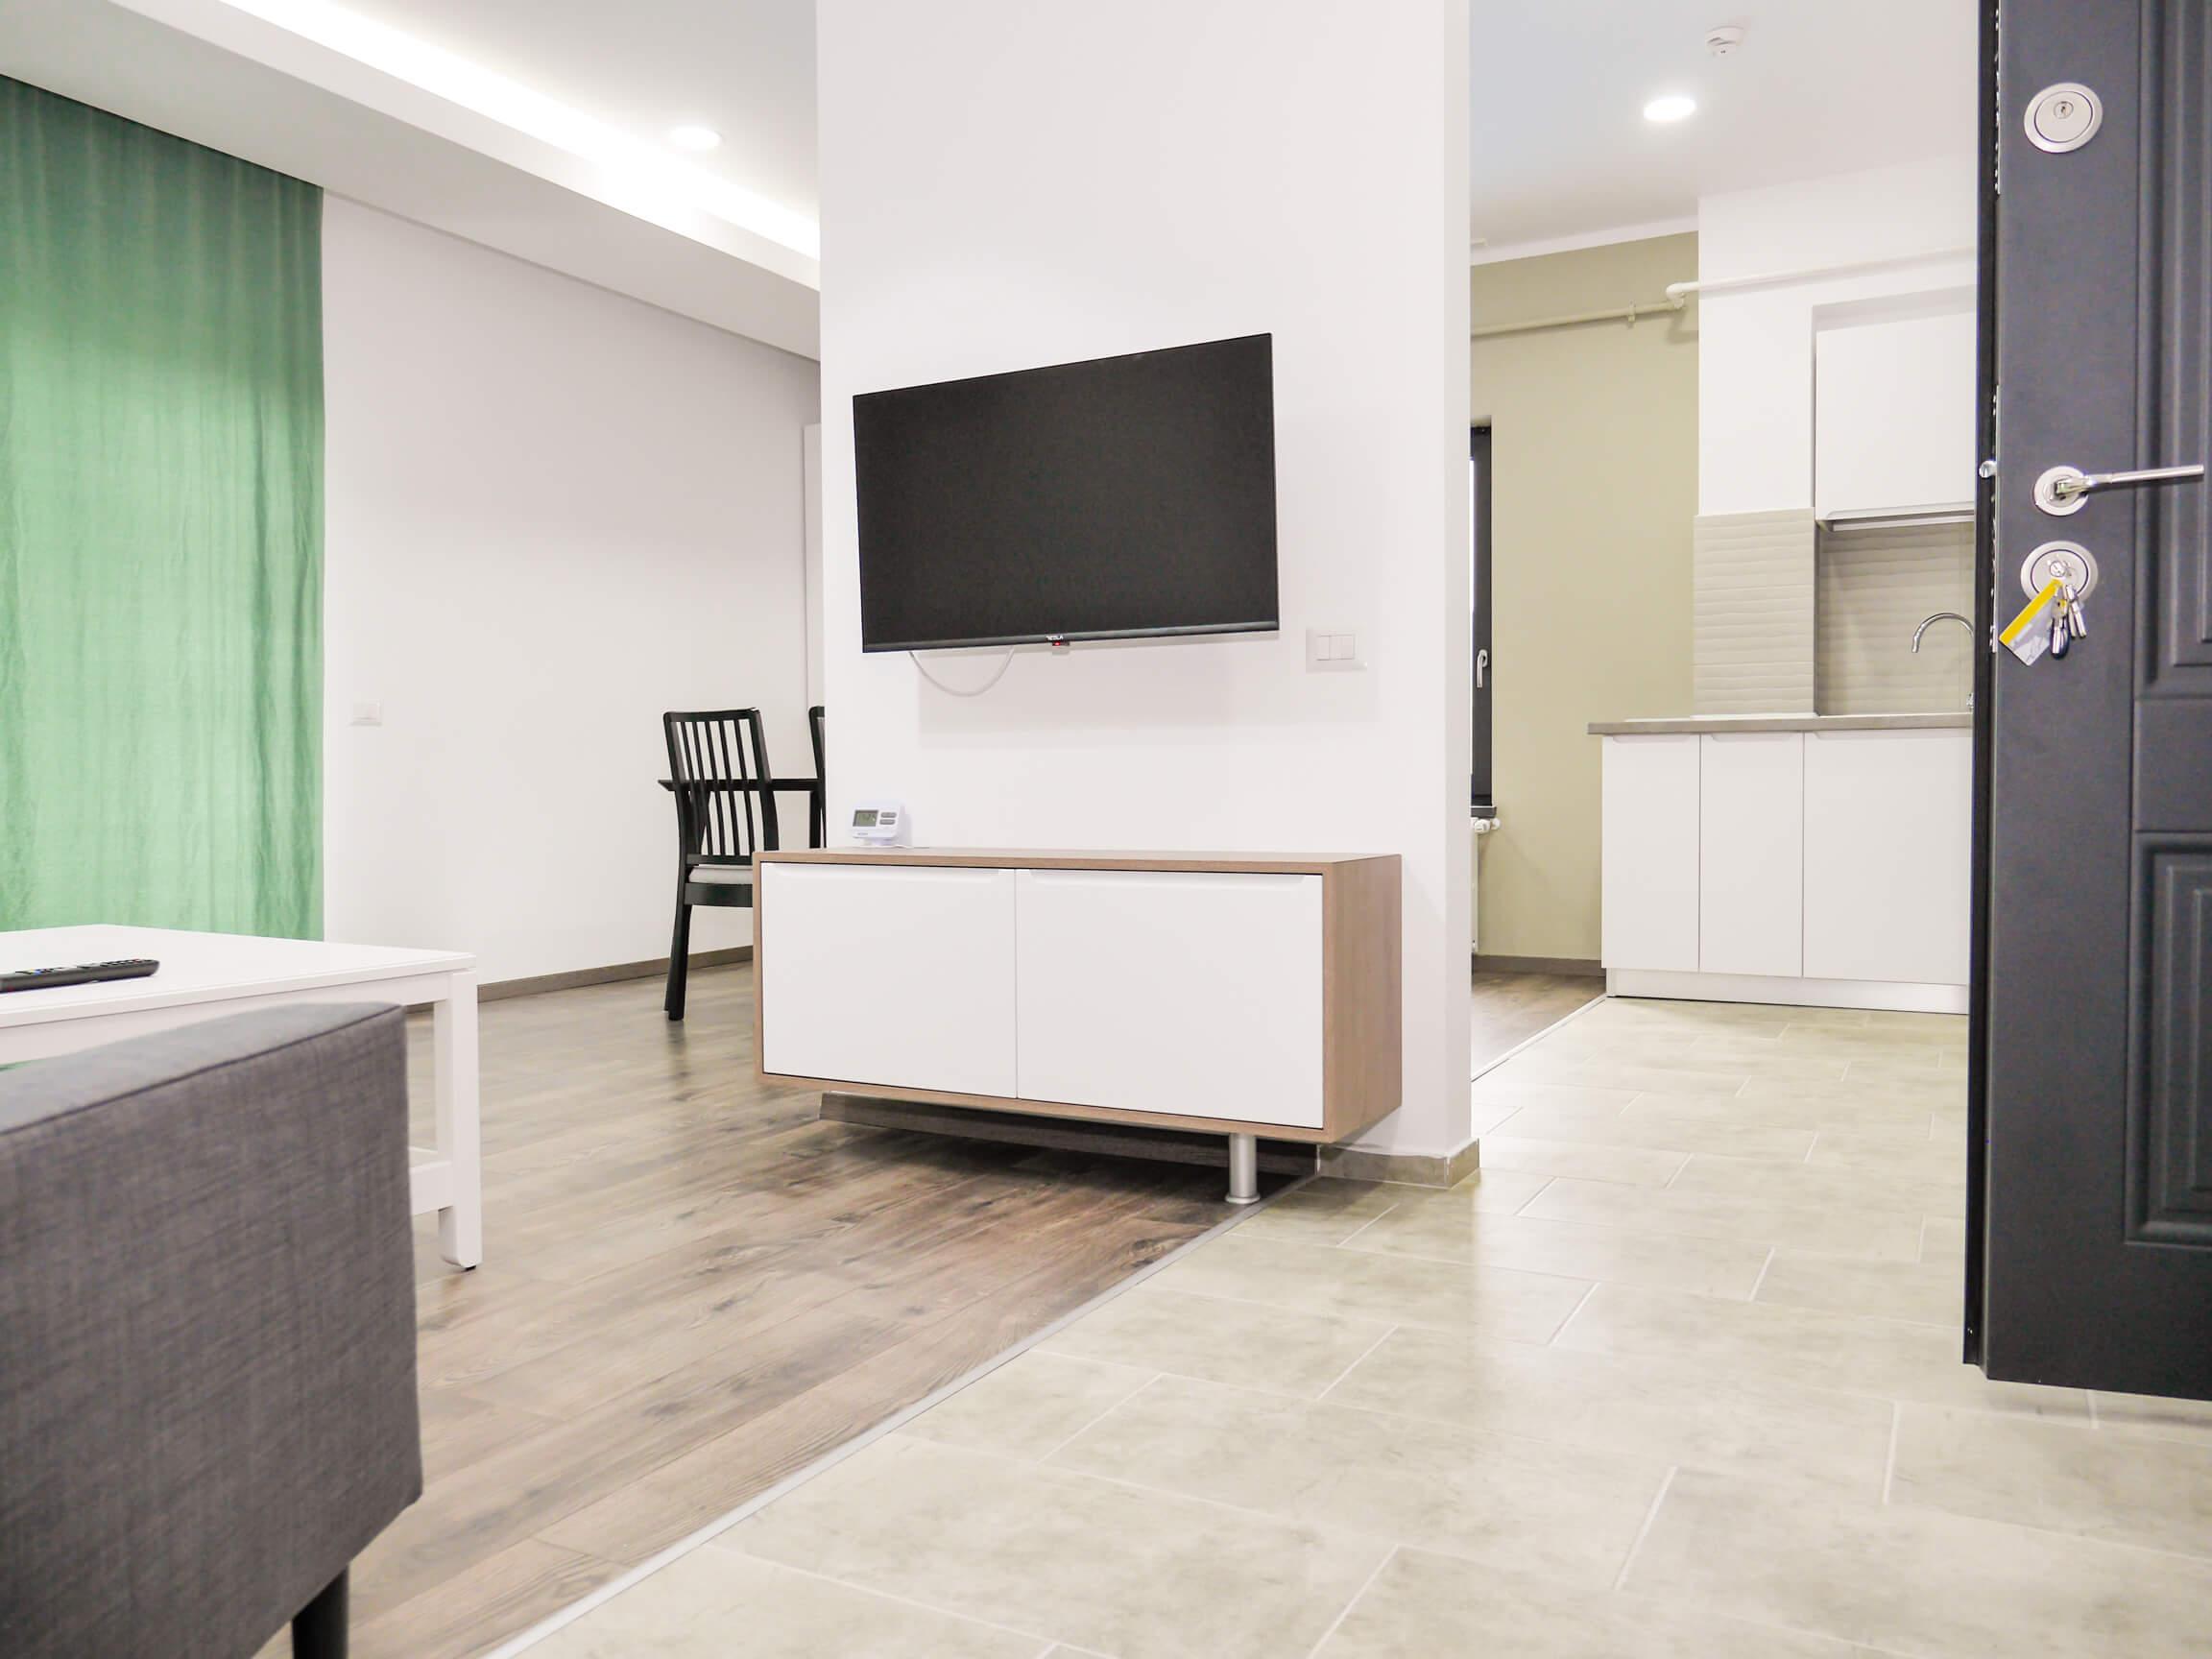 Clement Apartments - apartamente de inchiriat in regim hotelier - cazare neamt - cazare piatra neamt - apartament 7 (11)